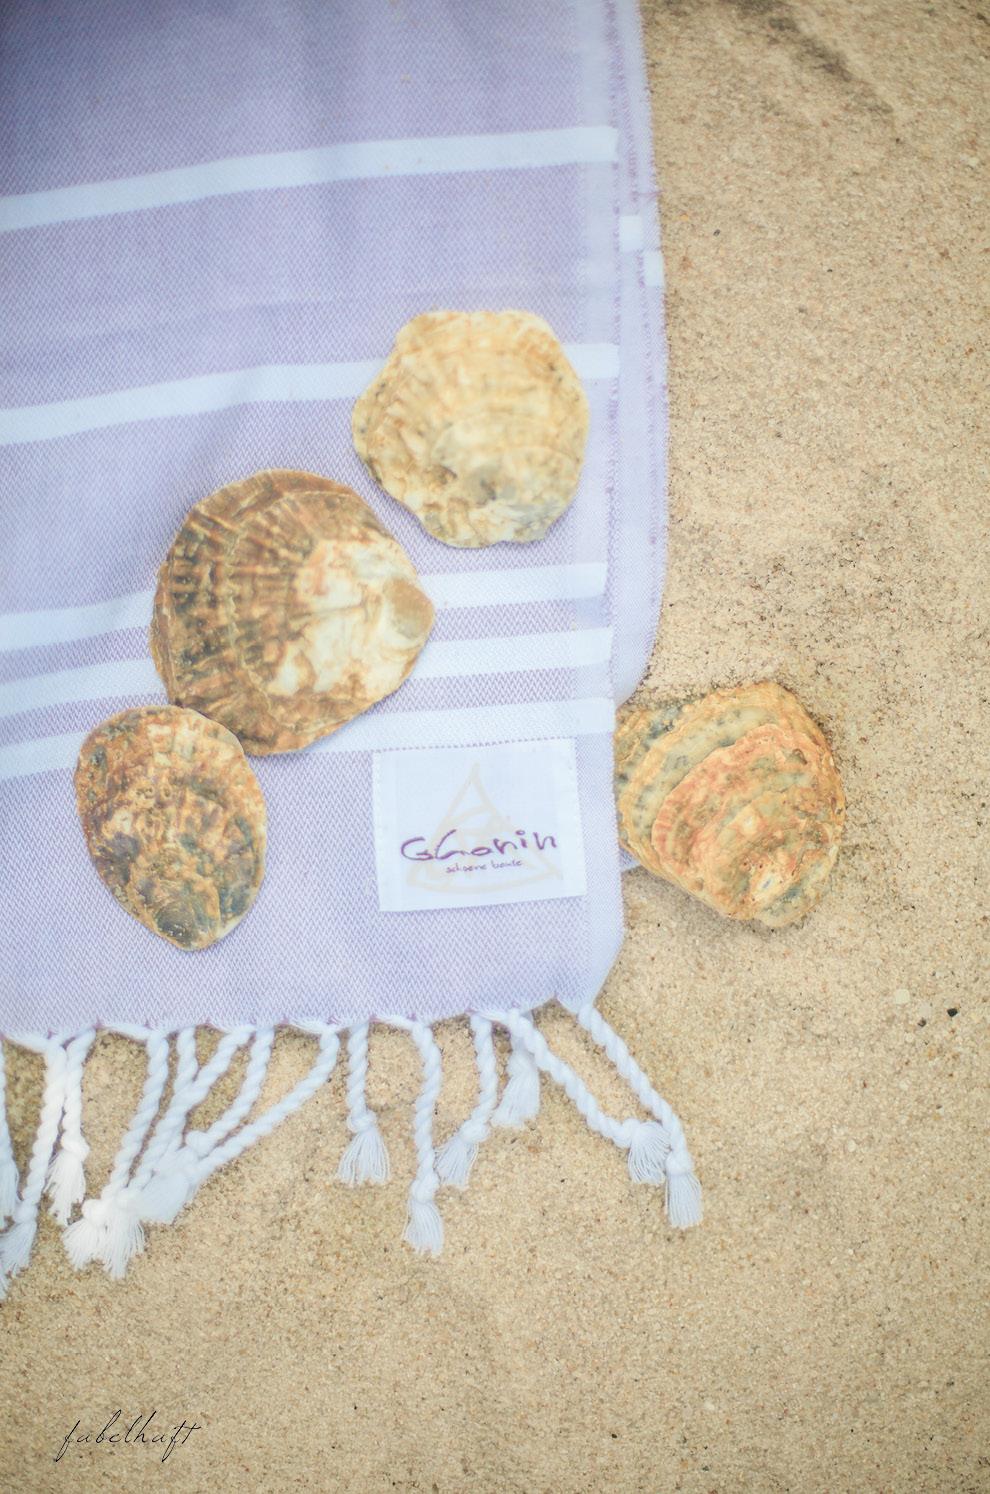 Strandtuch Austern Ghanin Schöne Beute